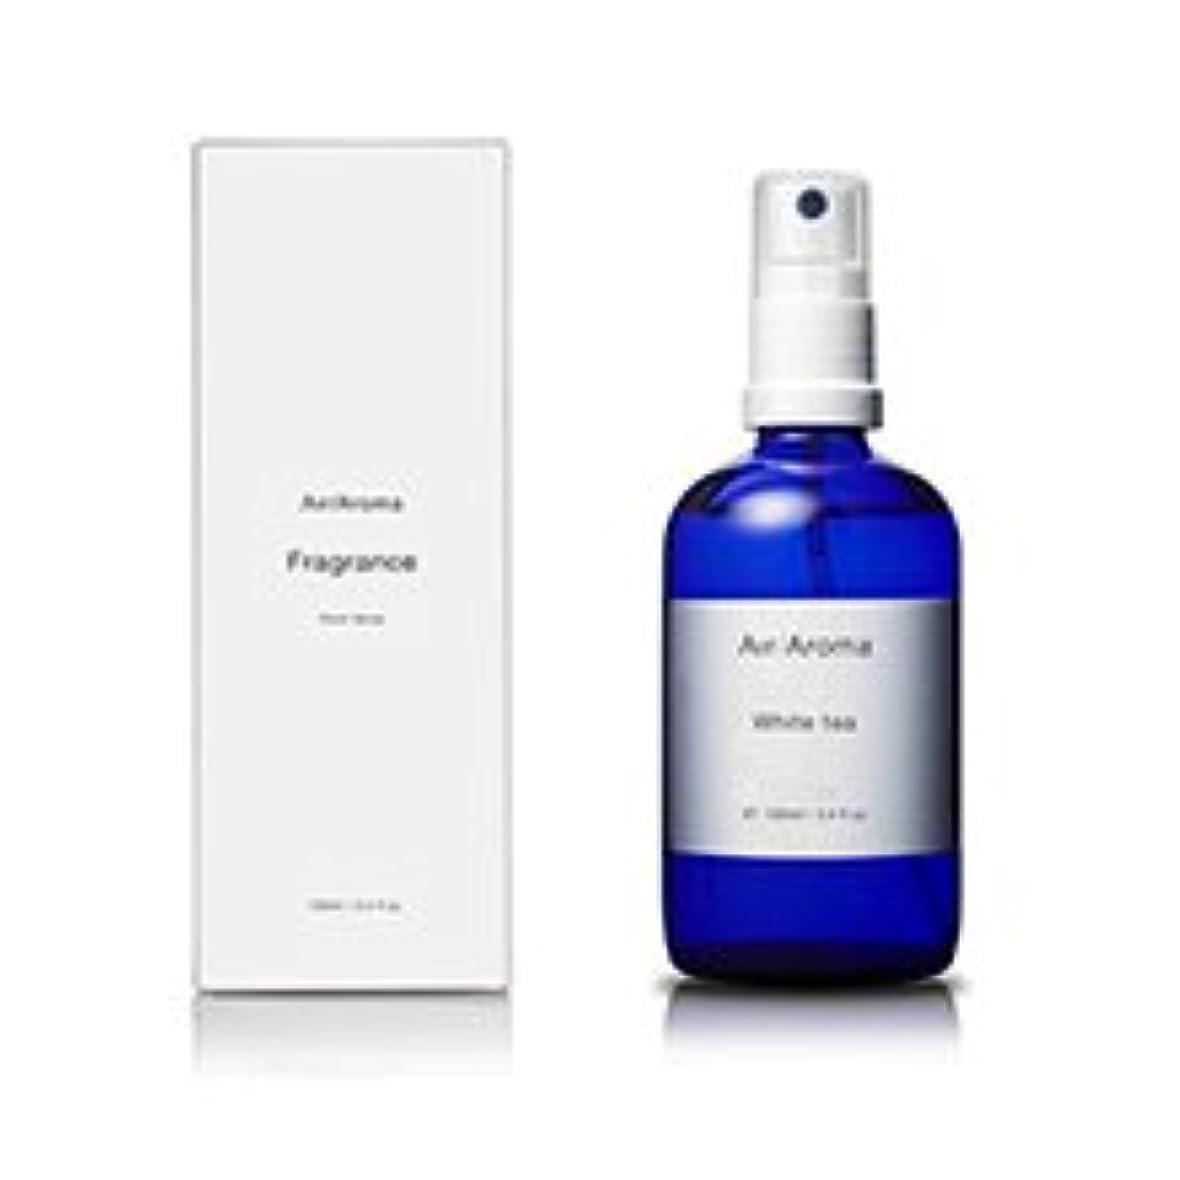 バンジョー記憶に残るレジエアアロマ white tea room fragrance(ホワイトティ ルームフレグランス)100ml